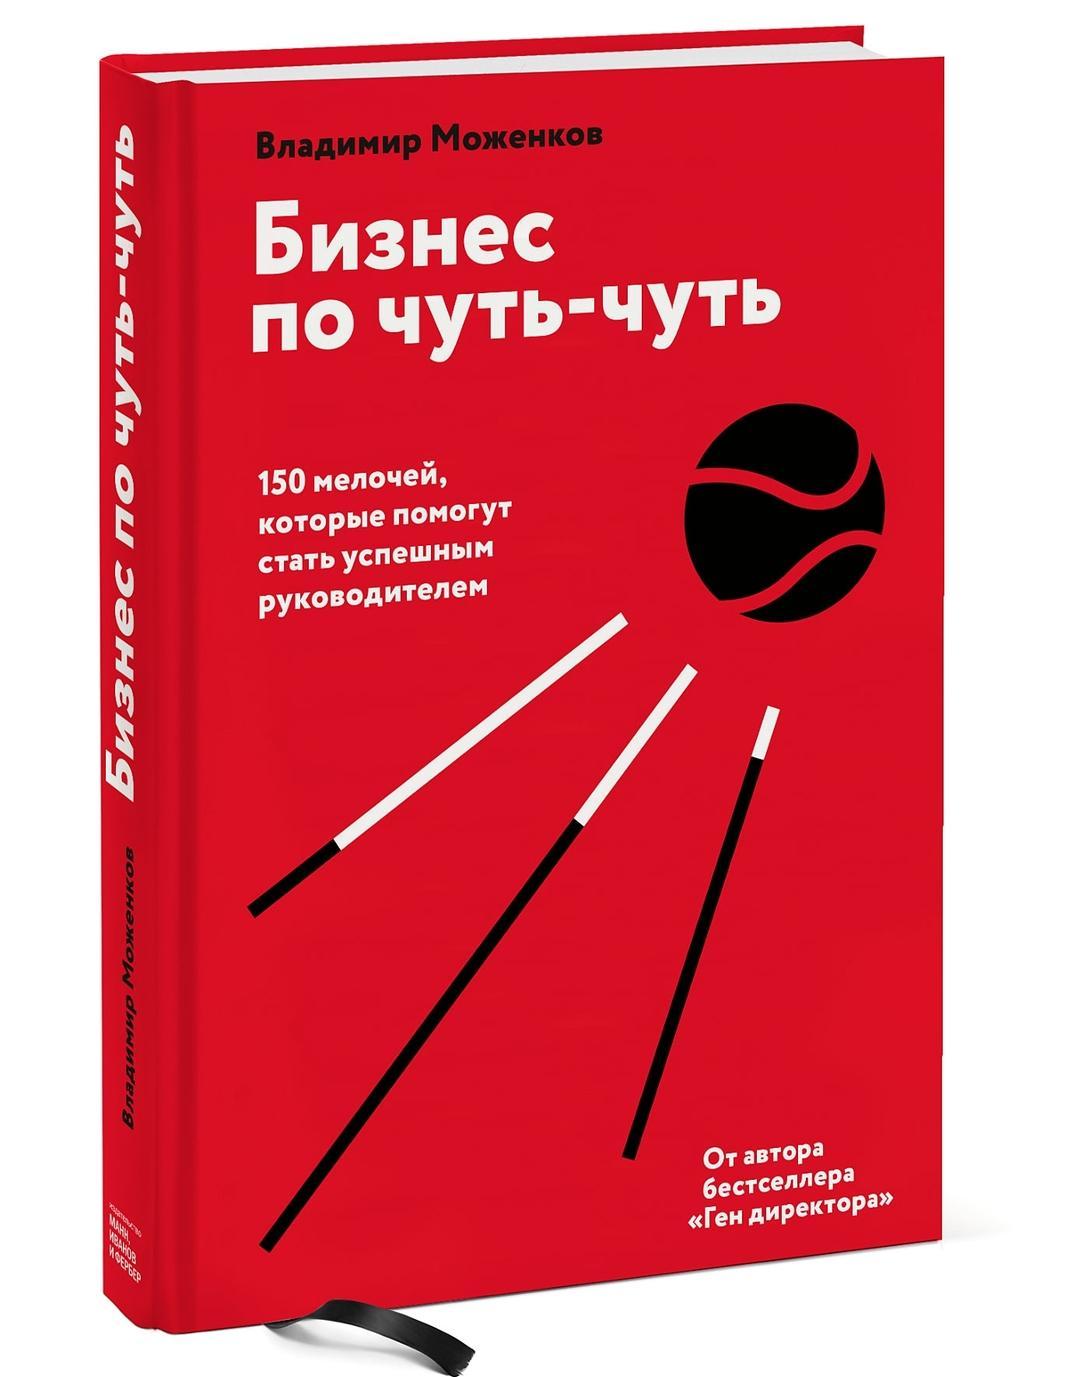 Biznes po chut-chut. 150 melochej, kotorye pomogut stat uspeshnym rukovoditelem | Mozhenkov Vladimir